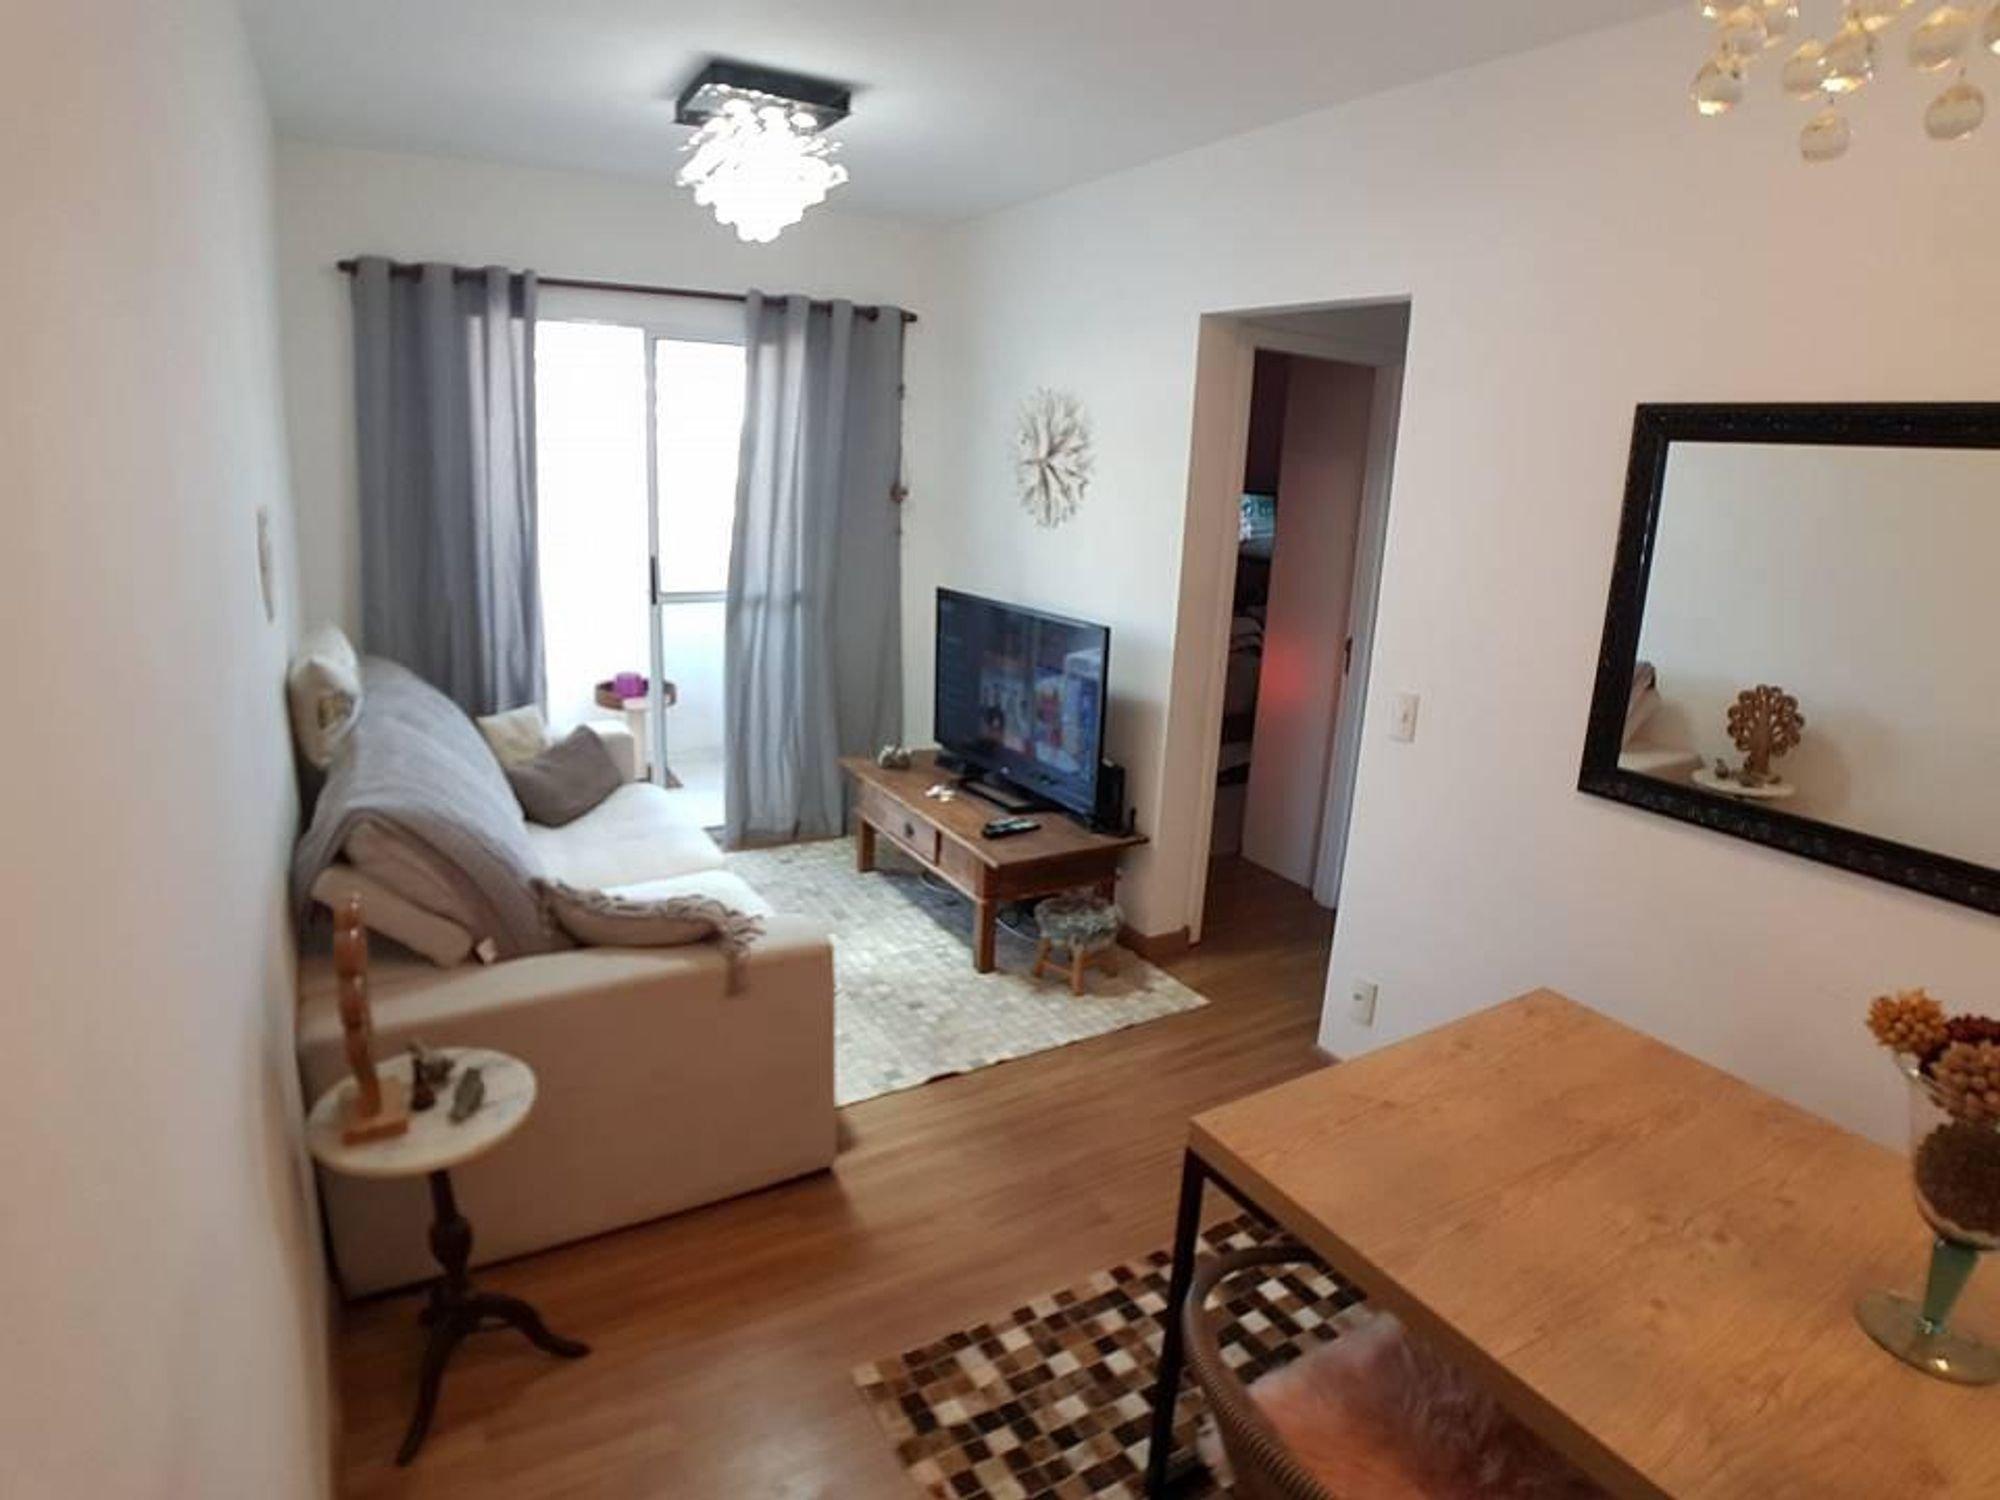 Foto de Sala com sofá, televisão, vaso, relógio, mesa de jantar